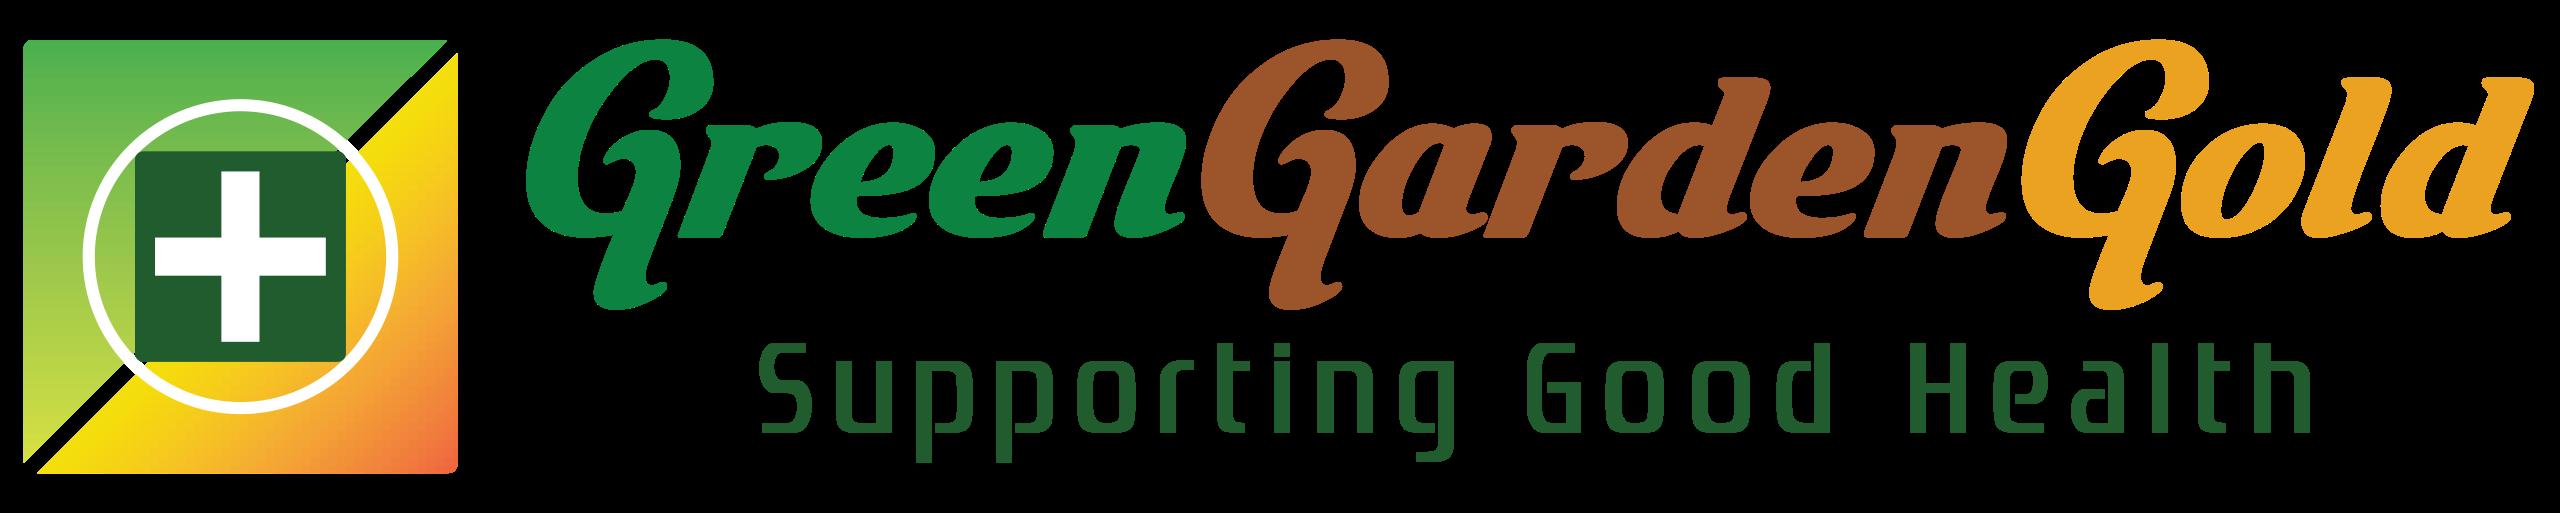 Is Green Garden Gold a good CBD company?